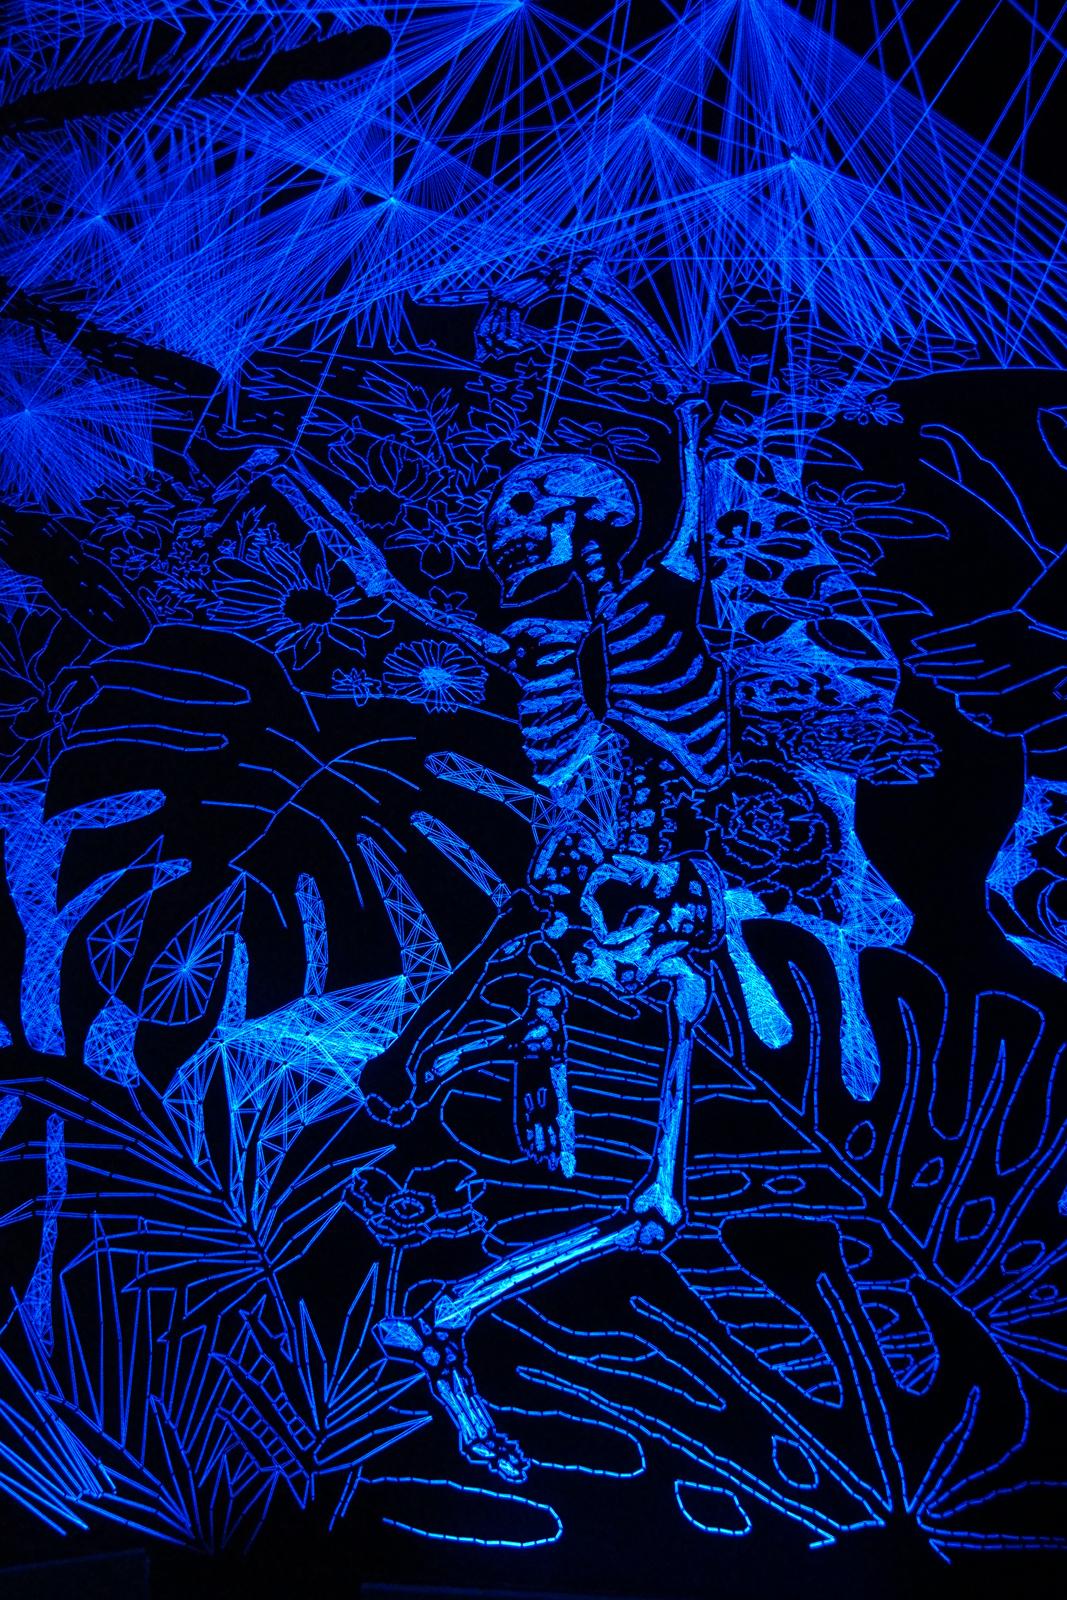 Entomogrotte stellaire 2015 by Julien Salaud installation in situ Tripostal Lille 3000 renaissance exposition Tu dois changer ta vie danseur squelette